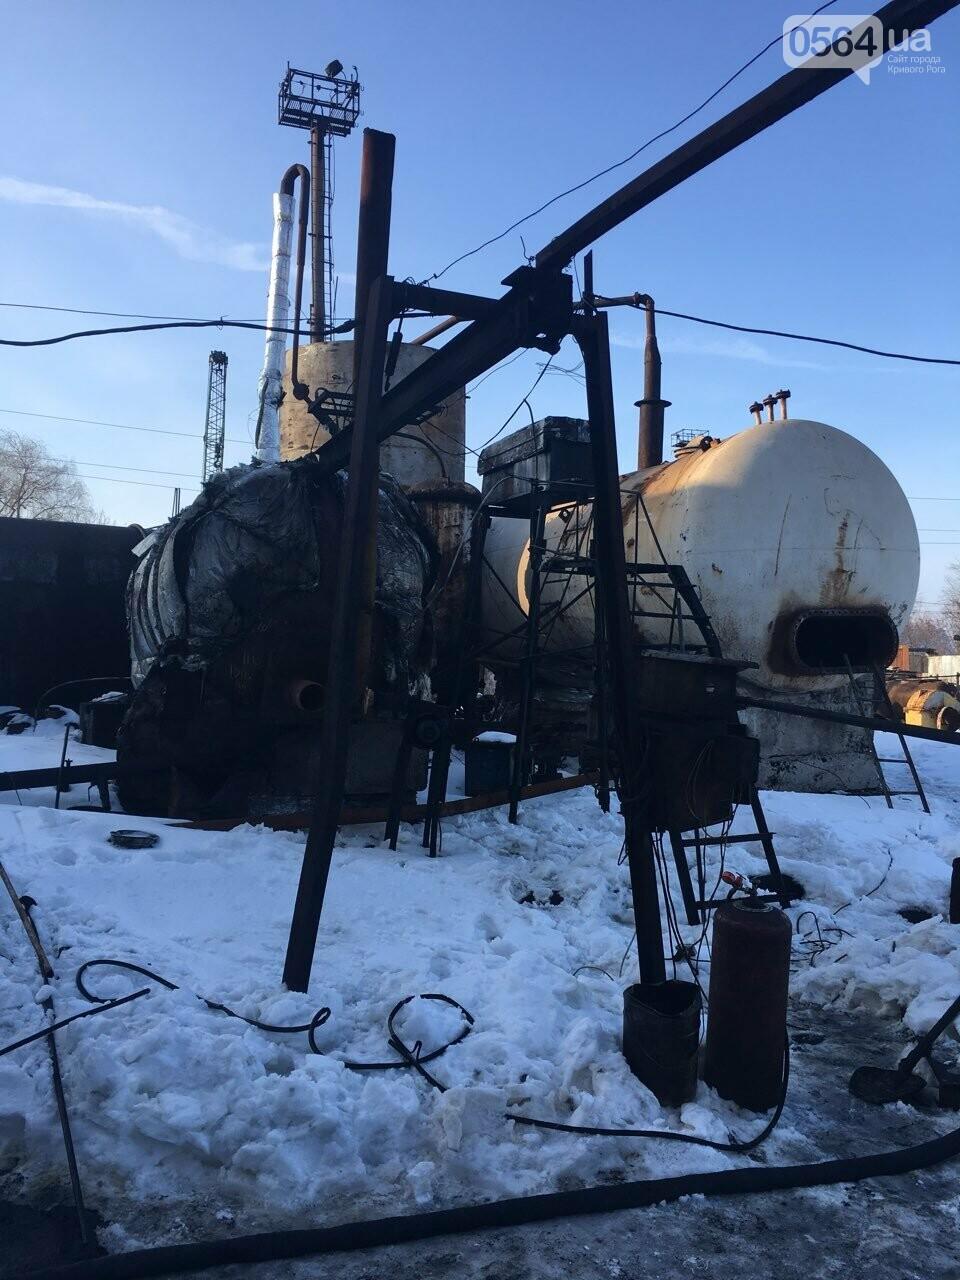 В Кривом Роге закрыли 2 подпольных цеха по производству ГСМ, фото-3